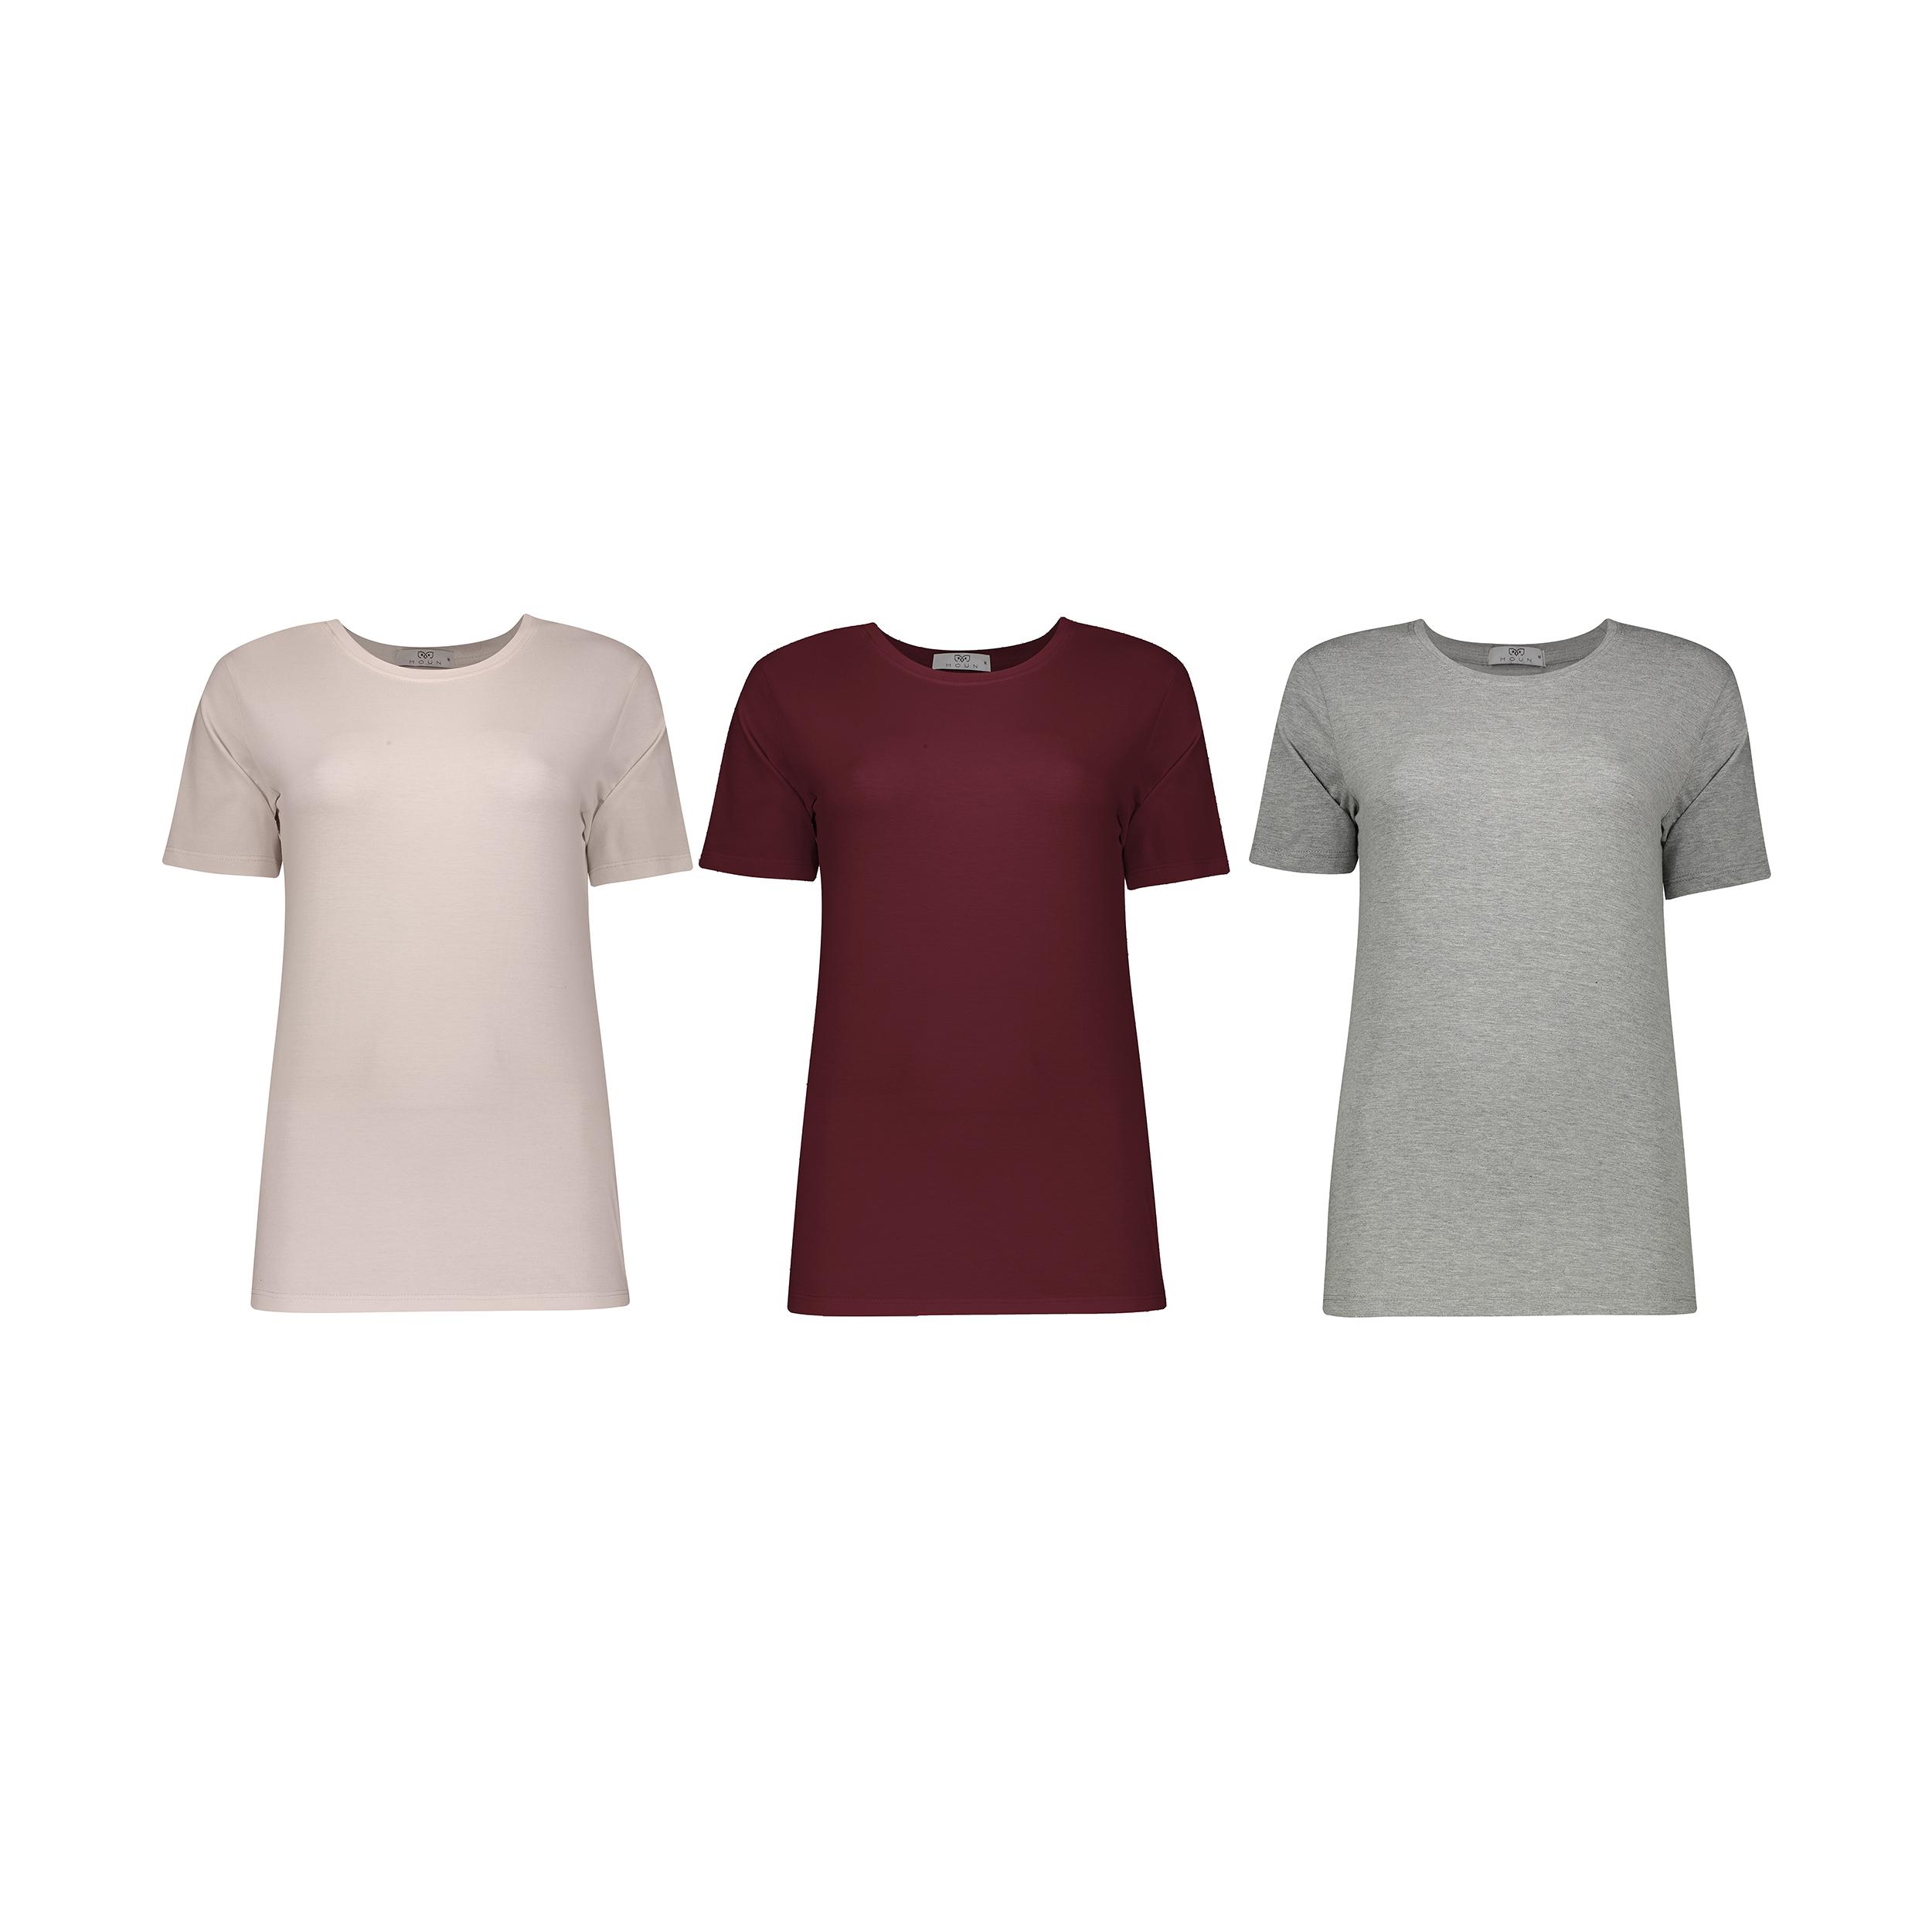 تی شرت زنانه مون مدل 1631147ML بسته 3 عددی